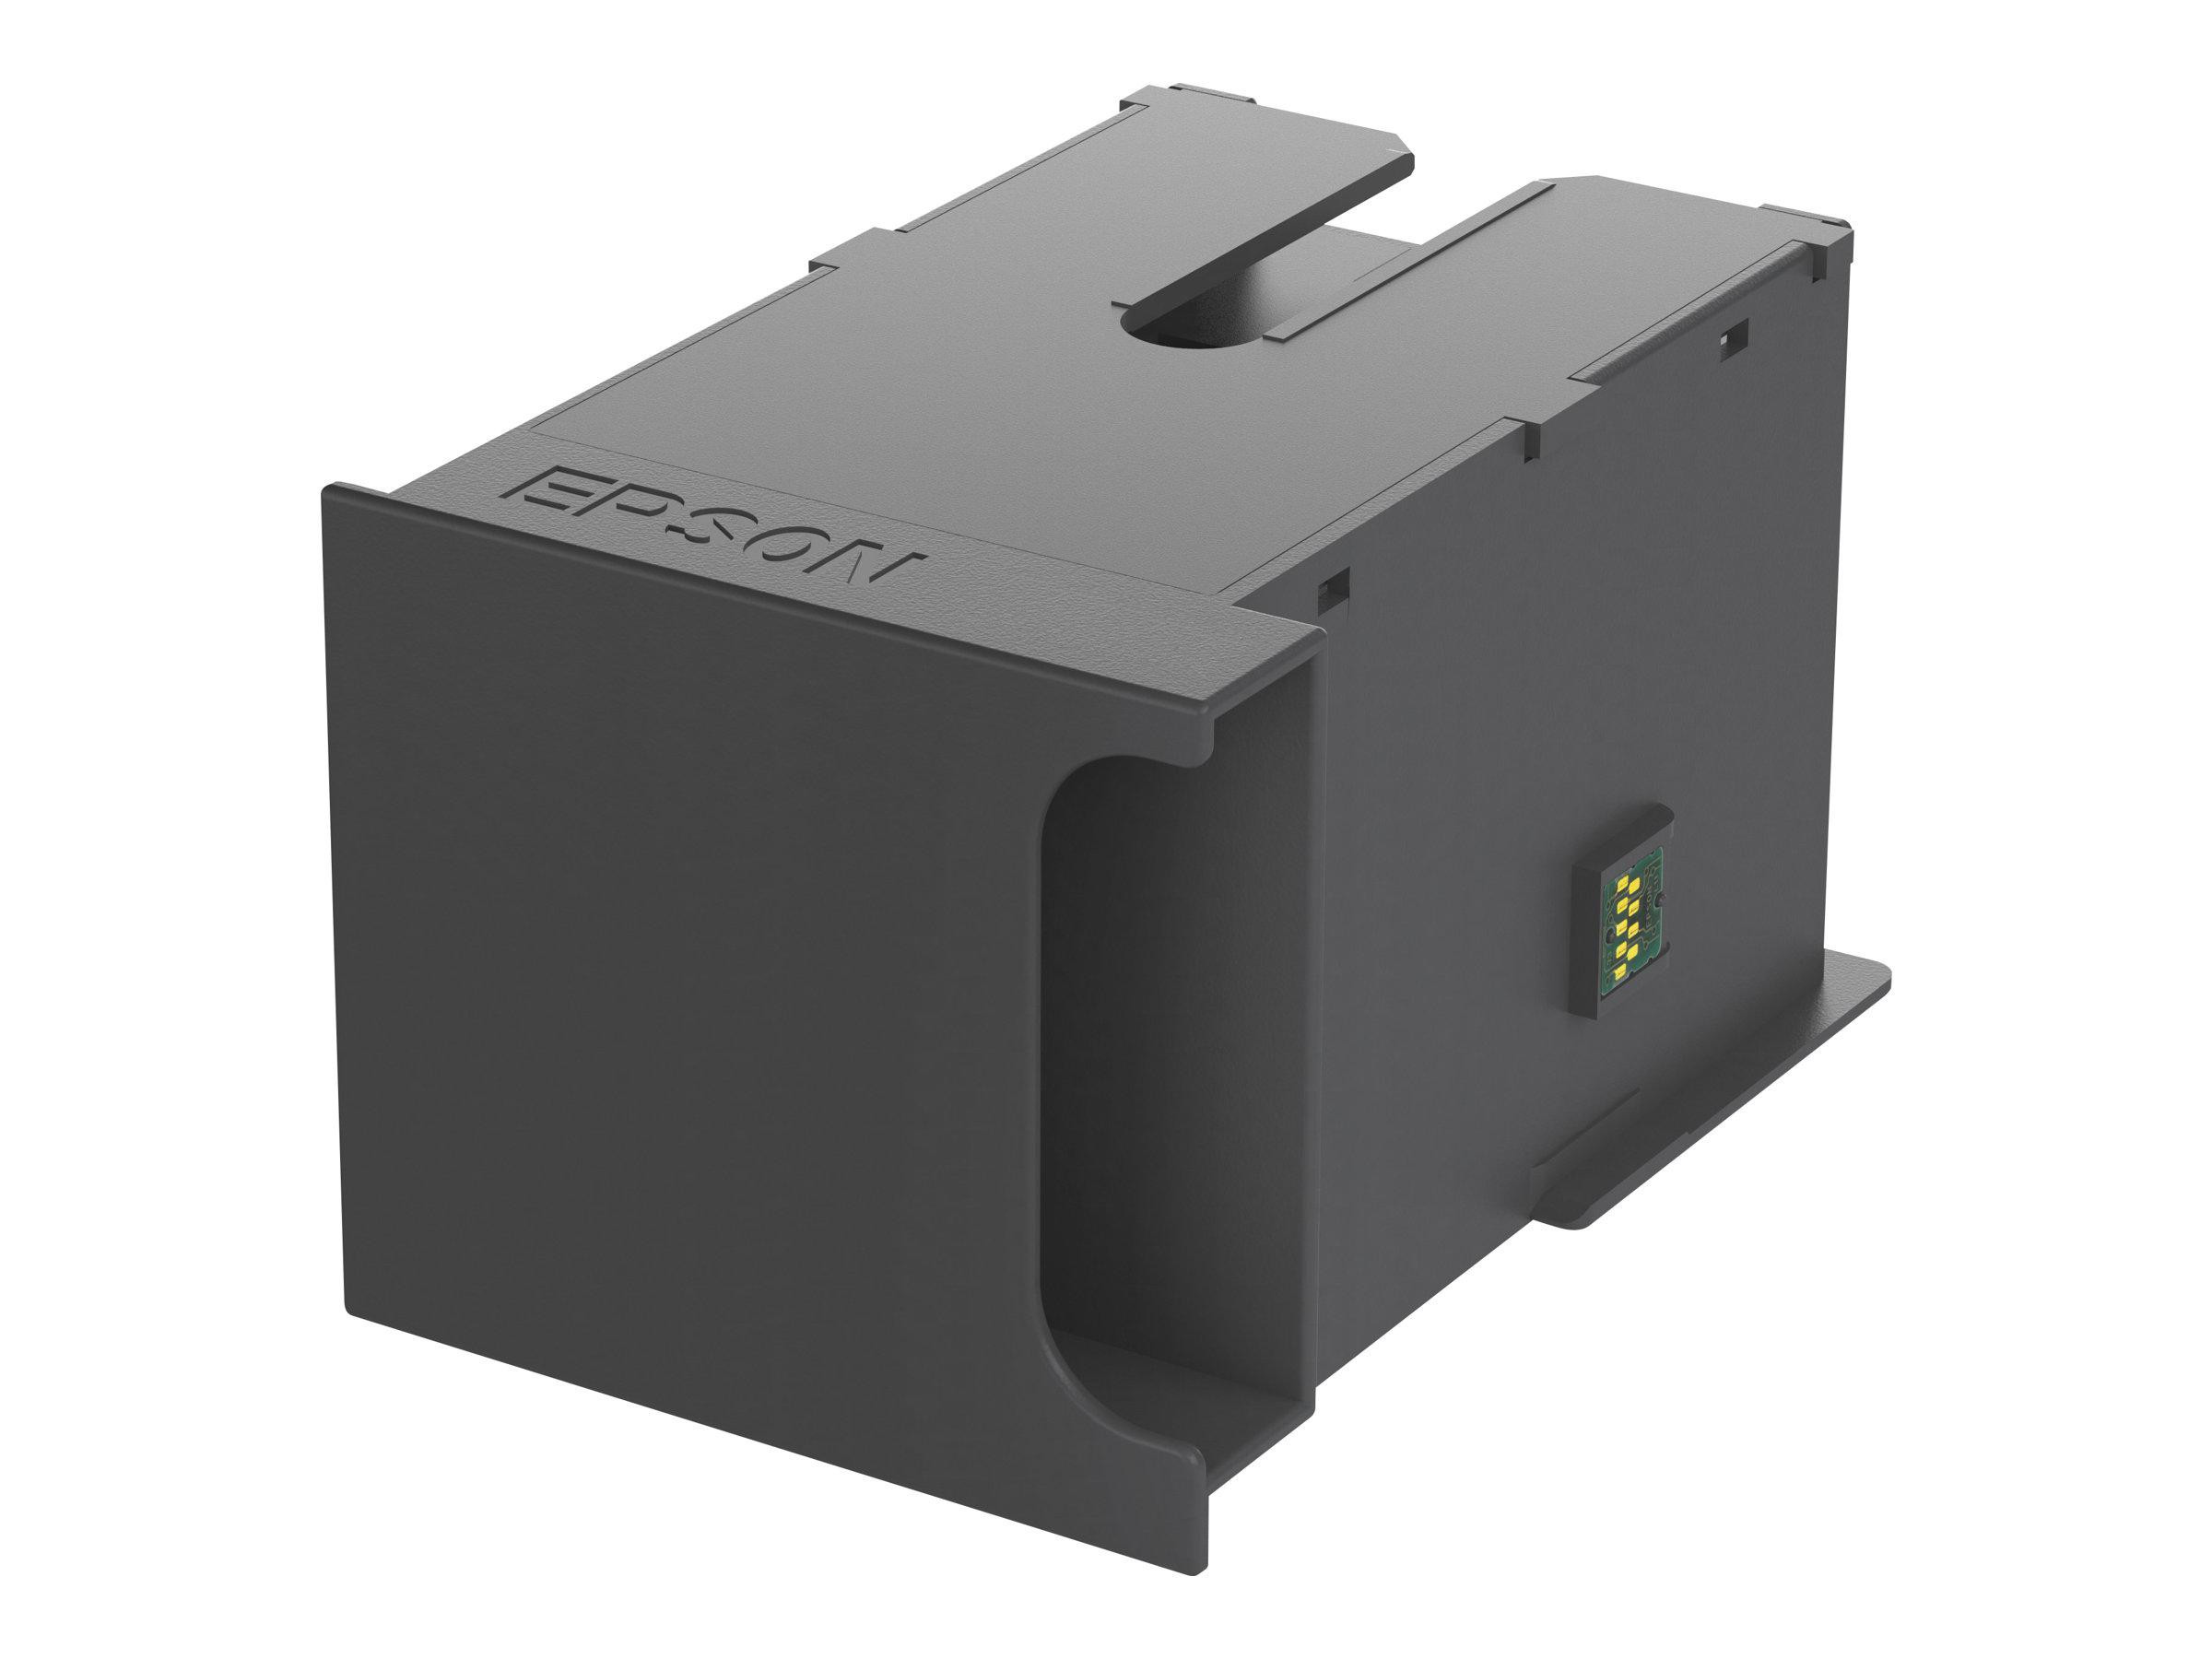 Epson - Tintenwartungstank - für Epson L1455; EcoTank L1455; WorkForce WF-3620, 3640, 7720, 7725; WorkForce Pro WF-R5690